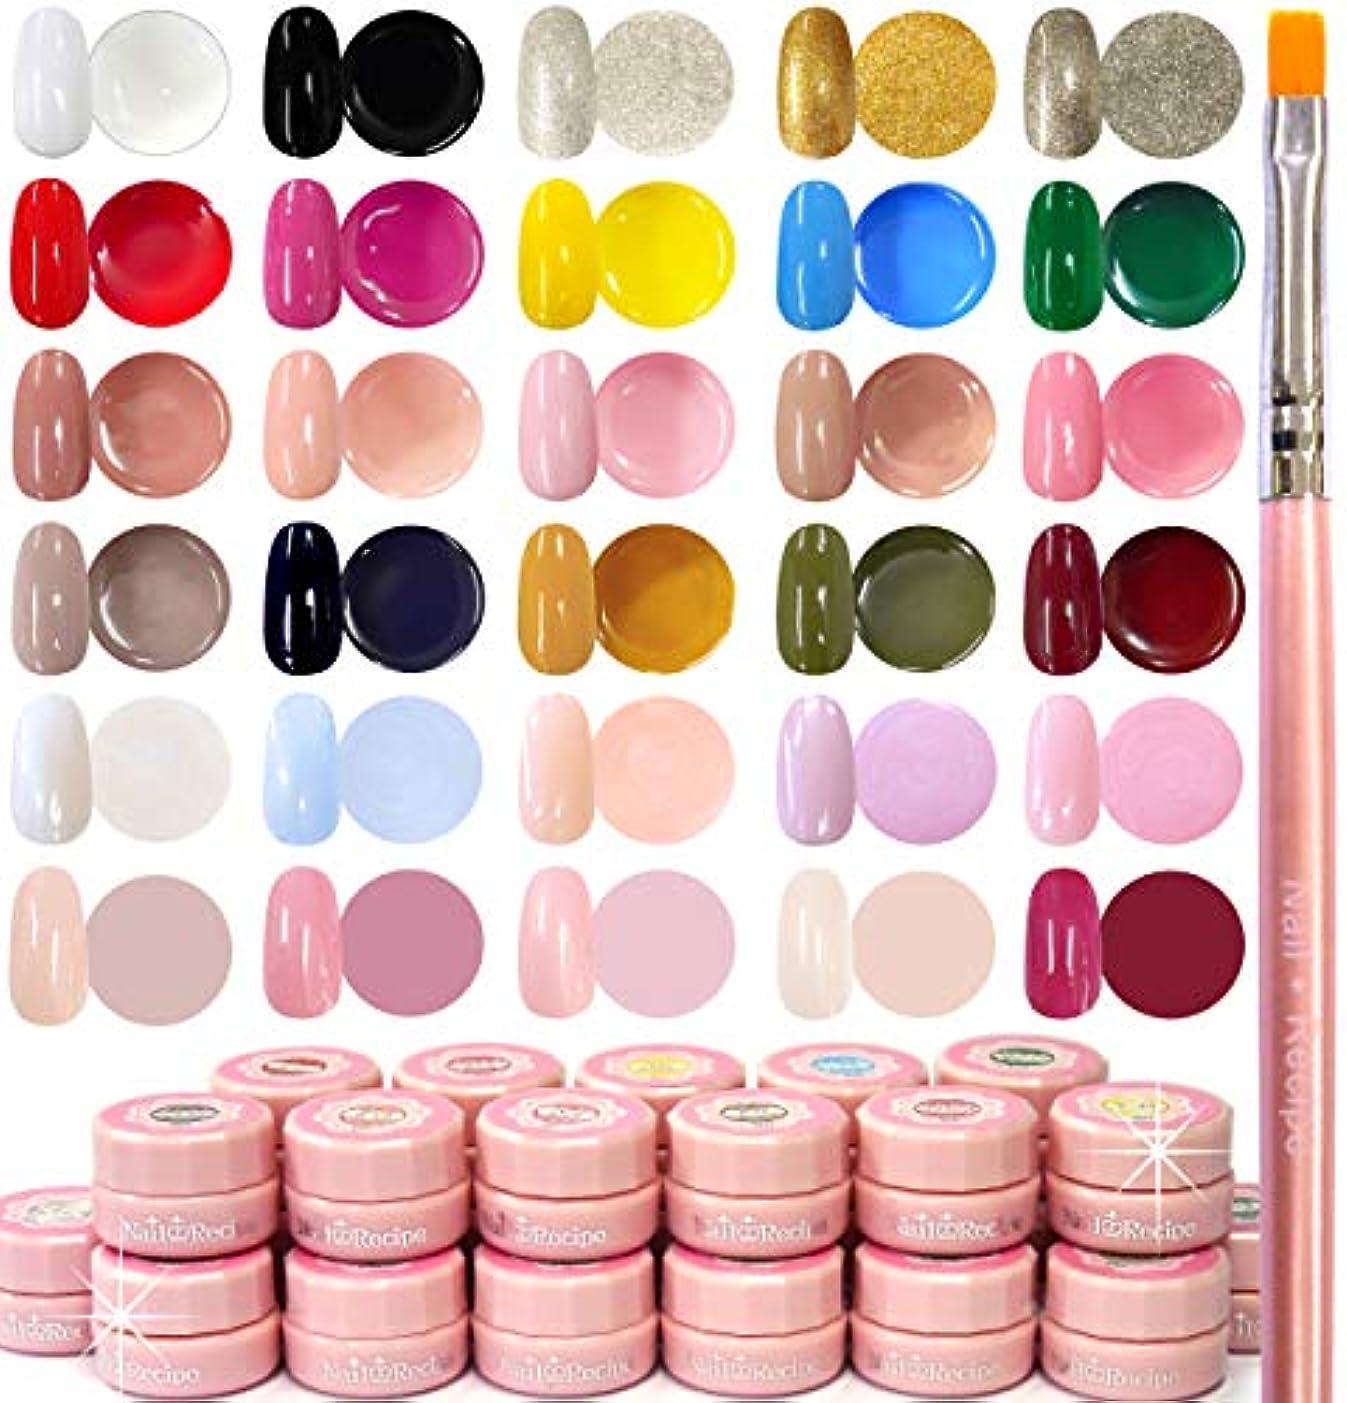 ストッキング適切なイブ[NailRecipe(ネイルレシピ)] ジェルネイル ジェルネイルセット カラージェル ネイル 30色セット 可愛くて発色抜群